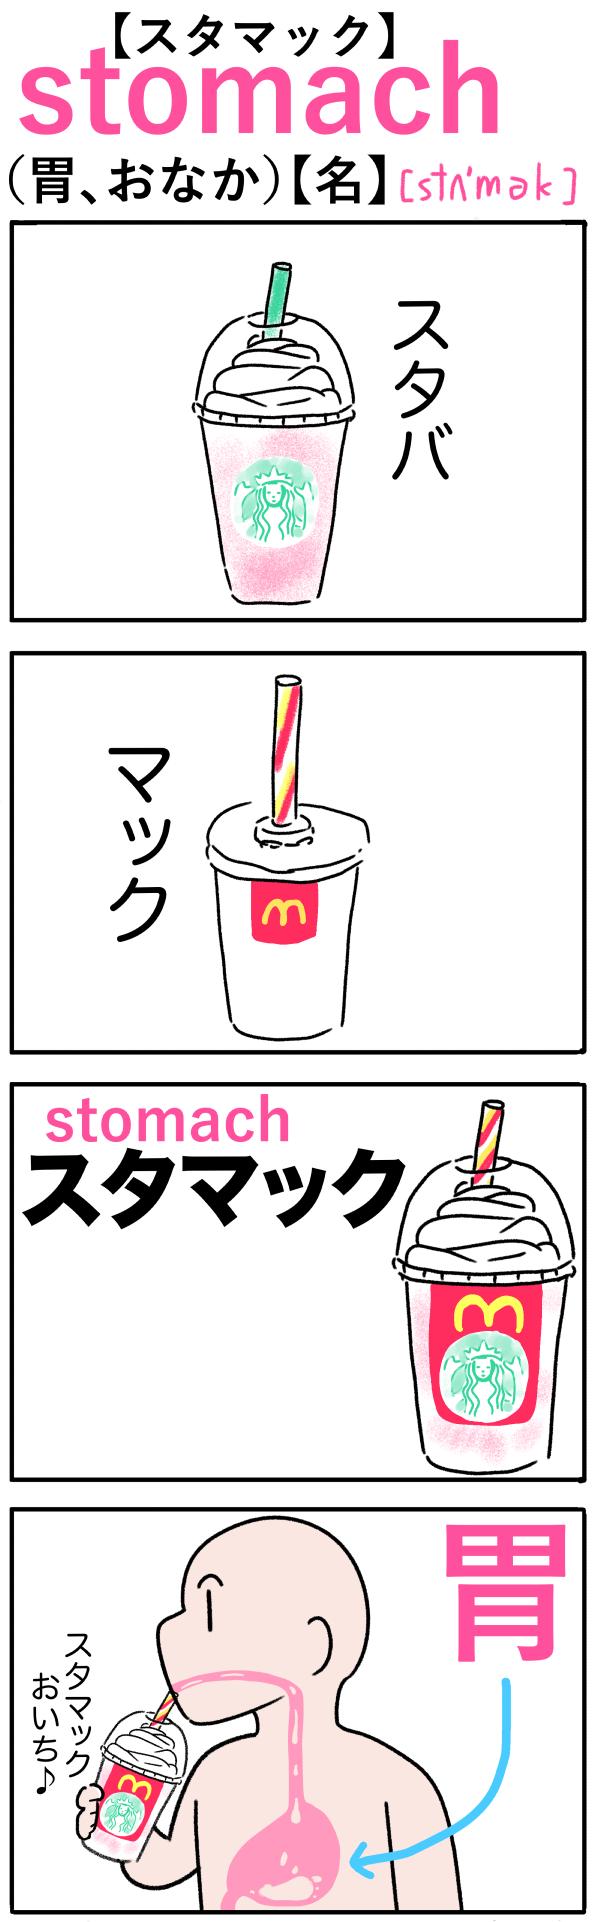 stomach(胃、おなか)の語呂合わせ英単語